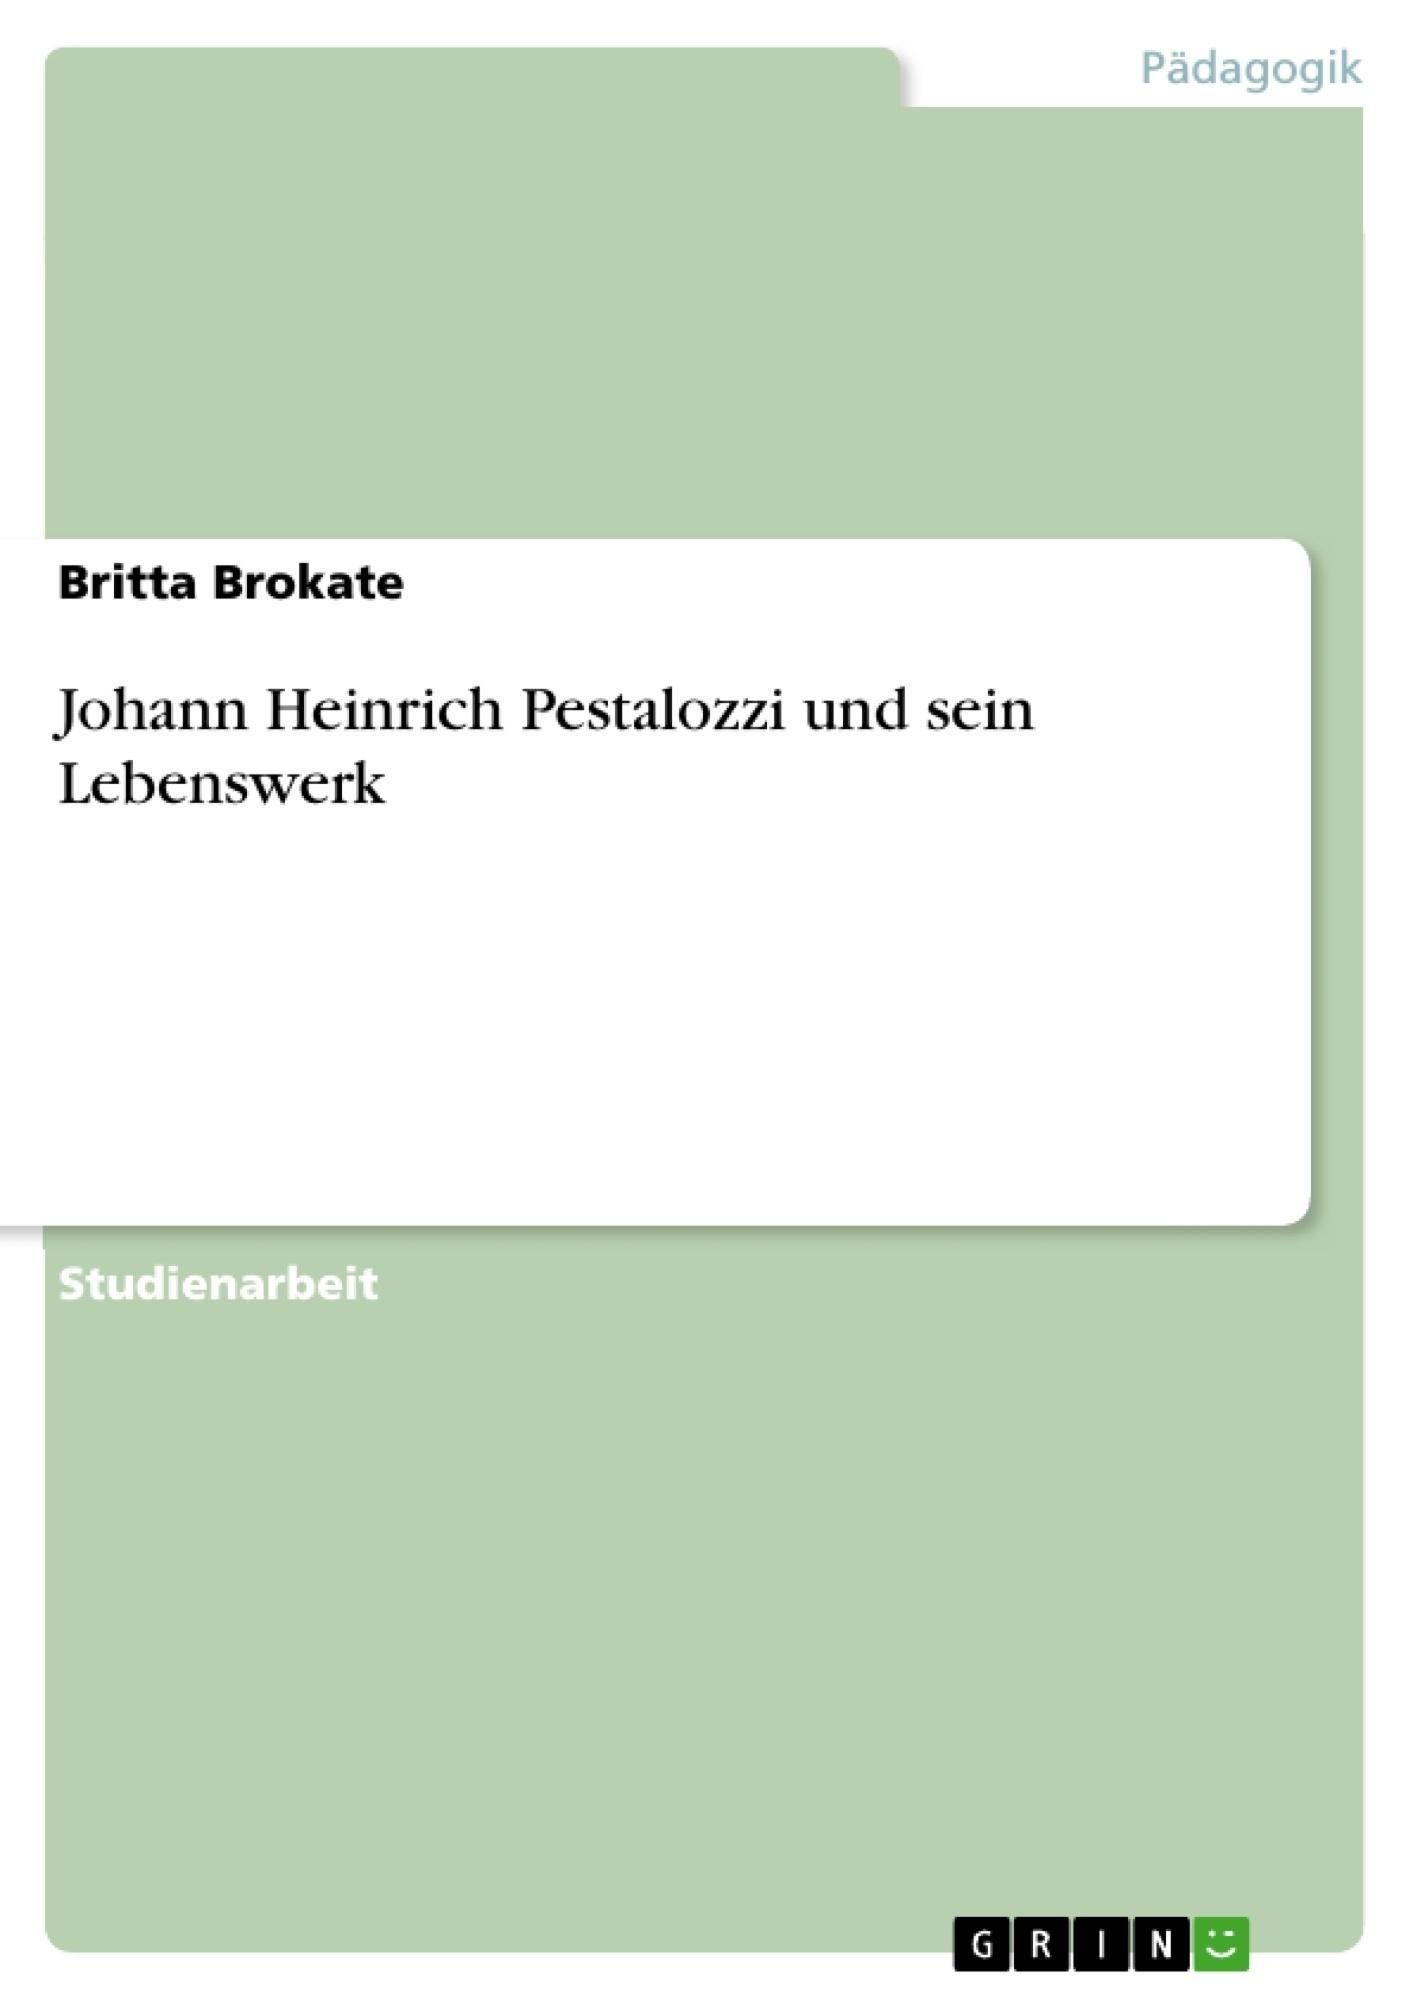 Titel: Johann Heinrich Pestalozzi und sein Lebenswerk